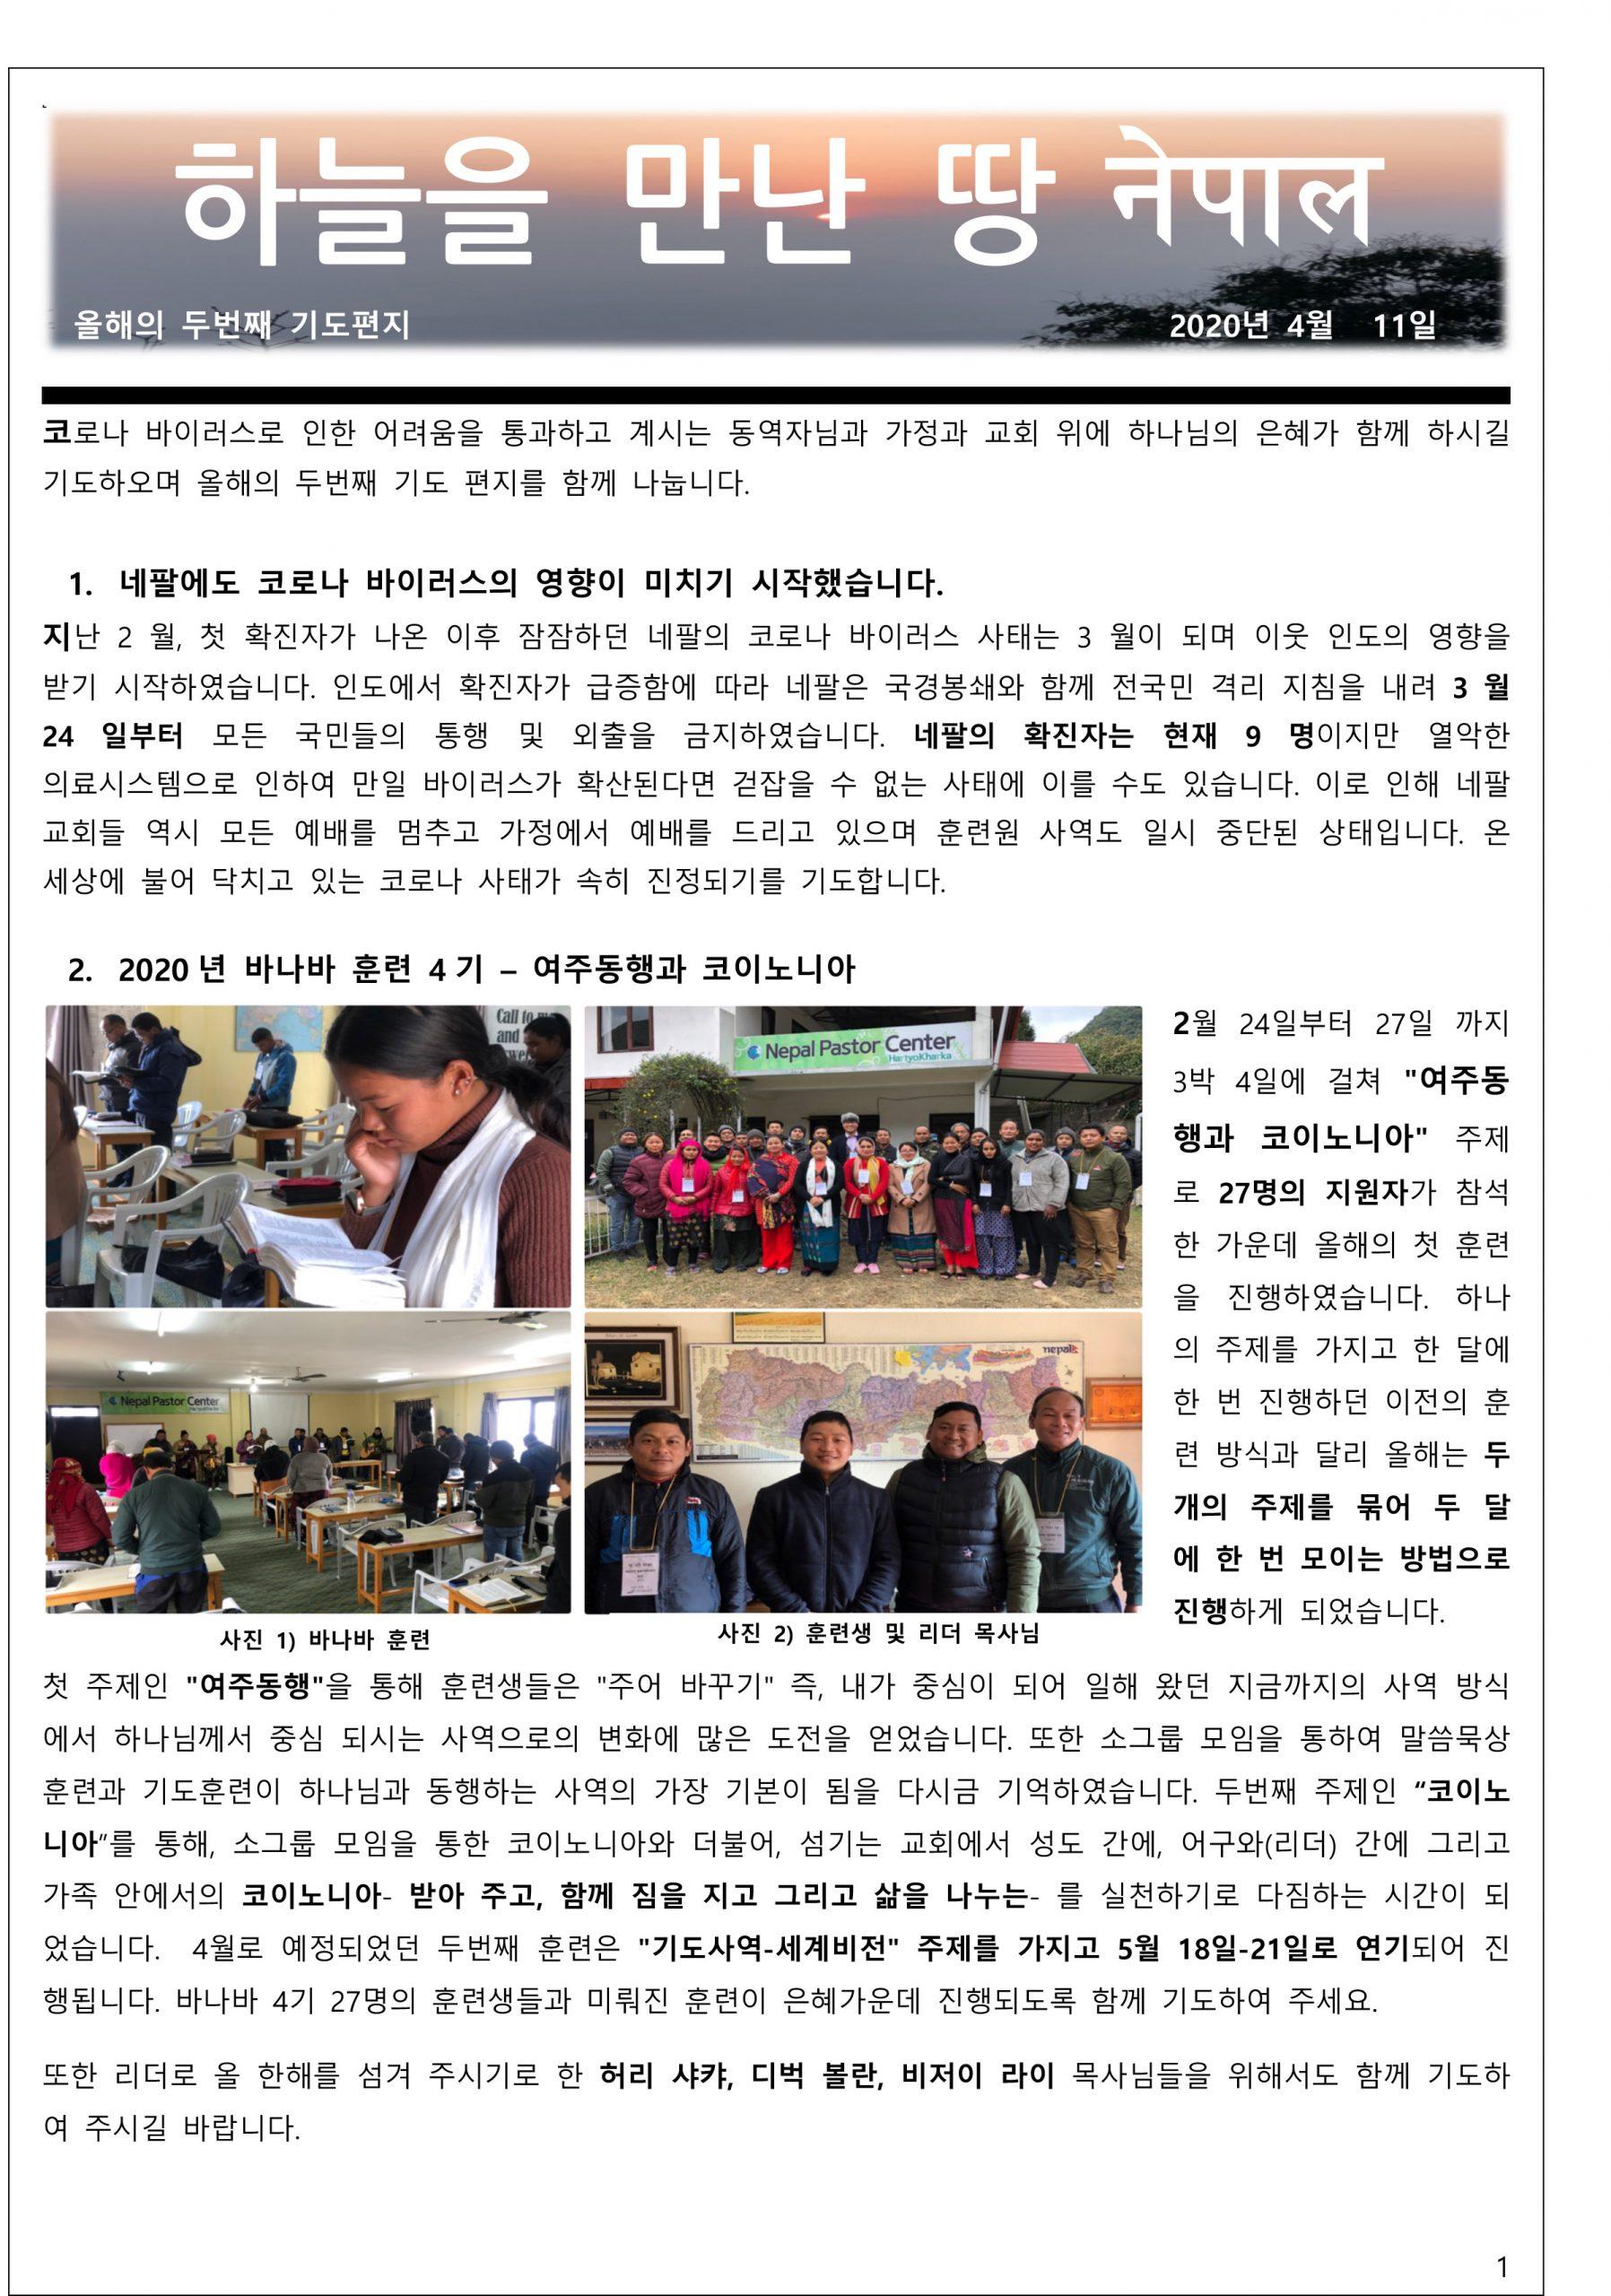 네팔 - 유승재 선교사 4월 선교편지